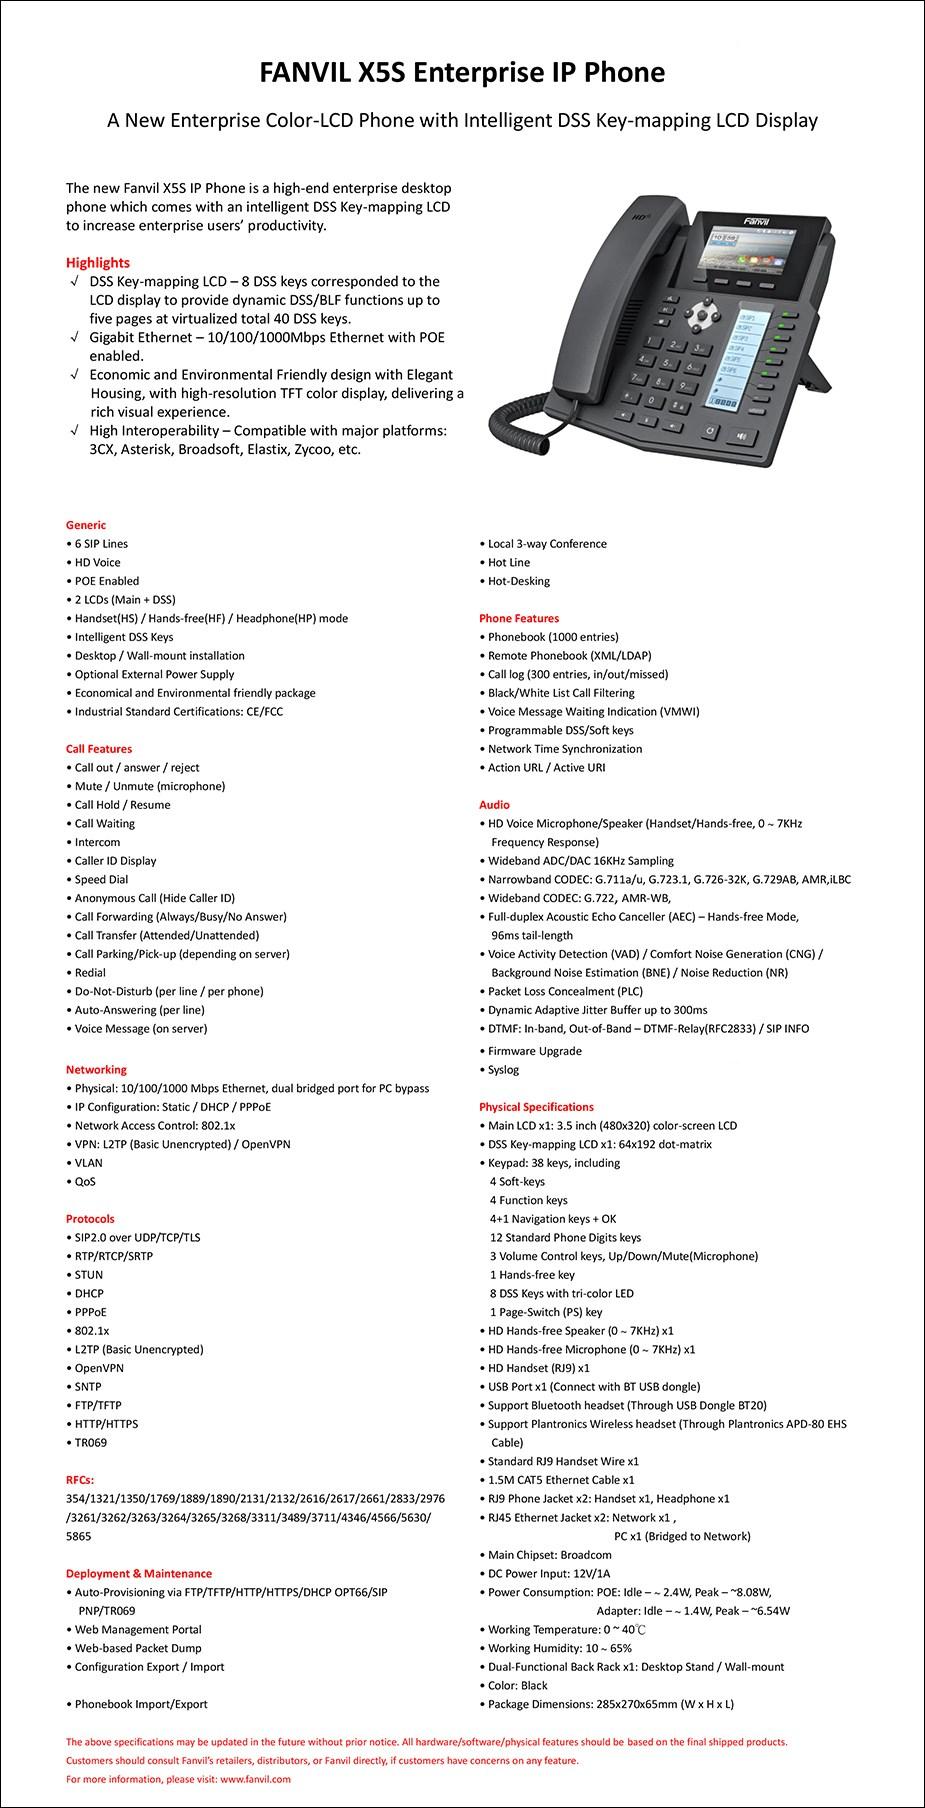 Fanvil X5S 6-Line HD Enterprise IP Phone - Desktop Overview 2